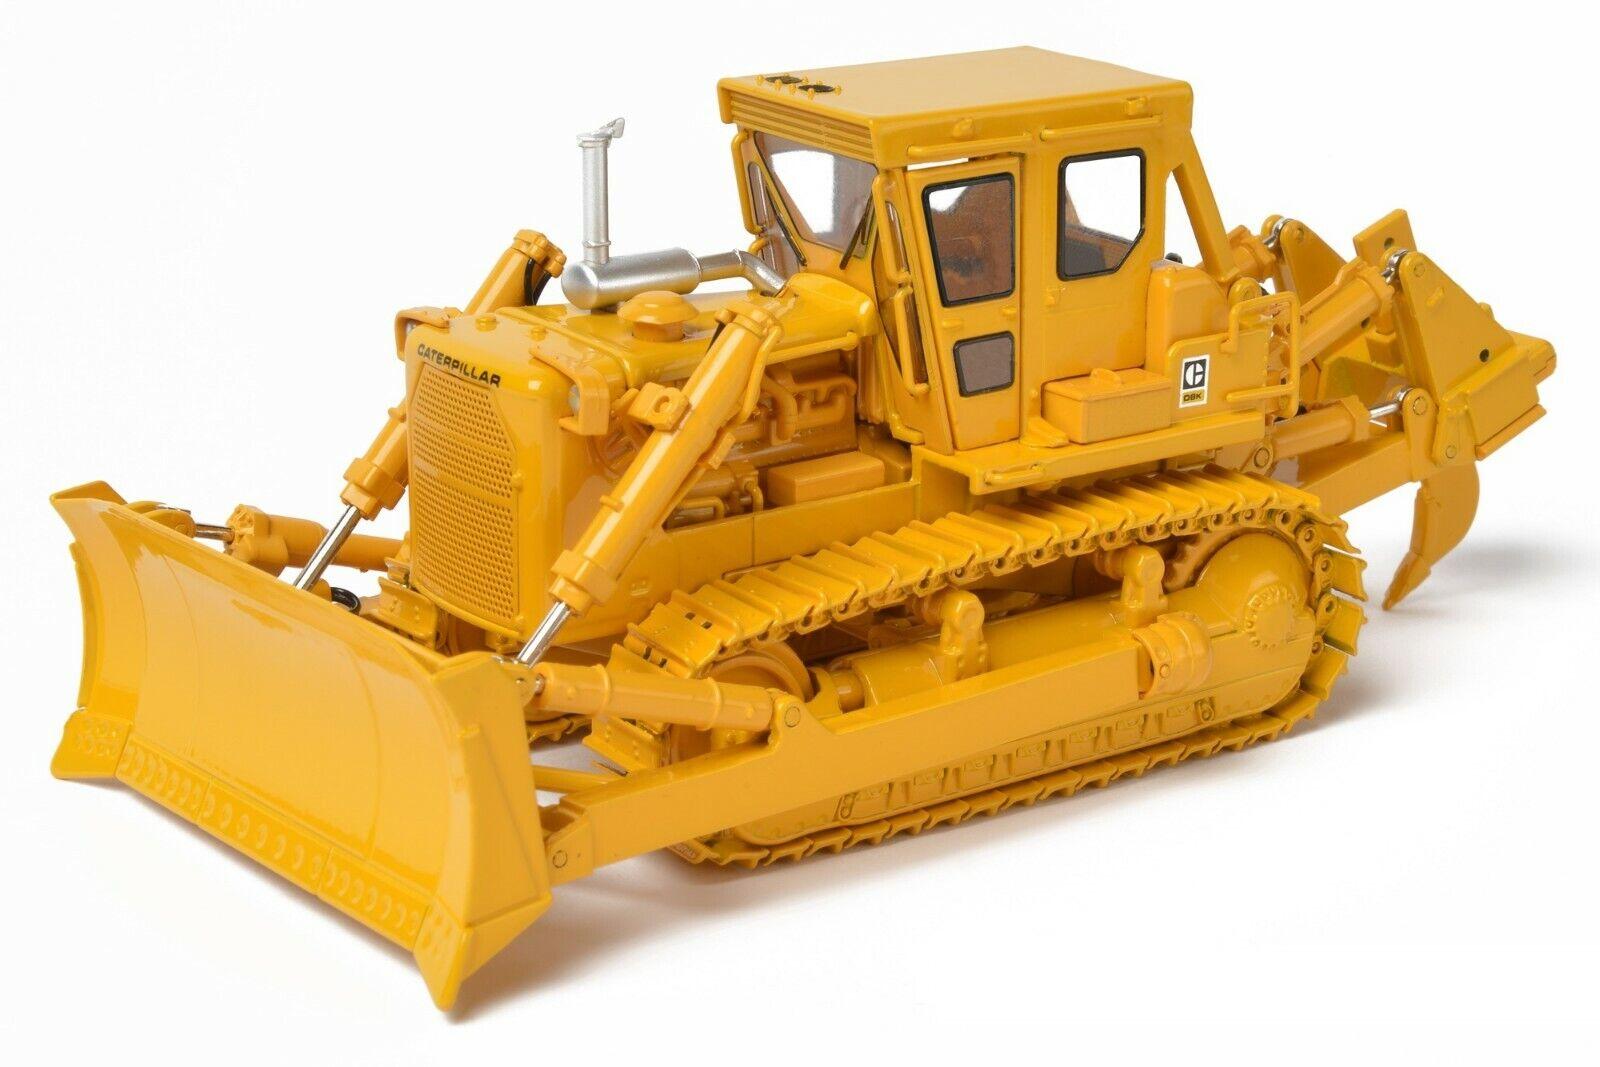 Caterpillar Cat D8K Dozer with S-Blade and Ripper  by CCM 1 48 Scale Model nouveau  les clients d'abord la réputation d'abord